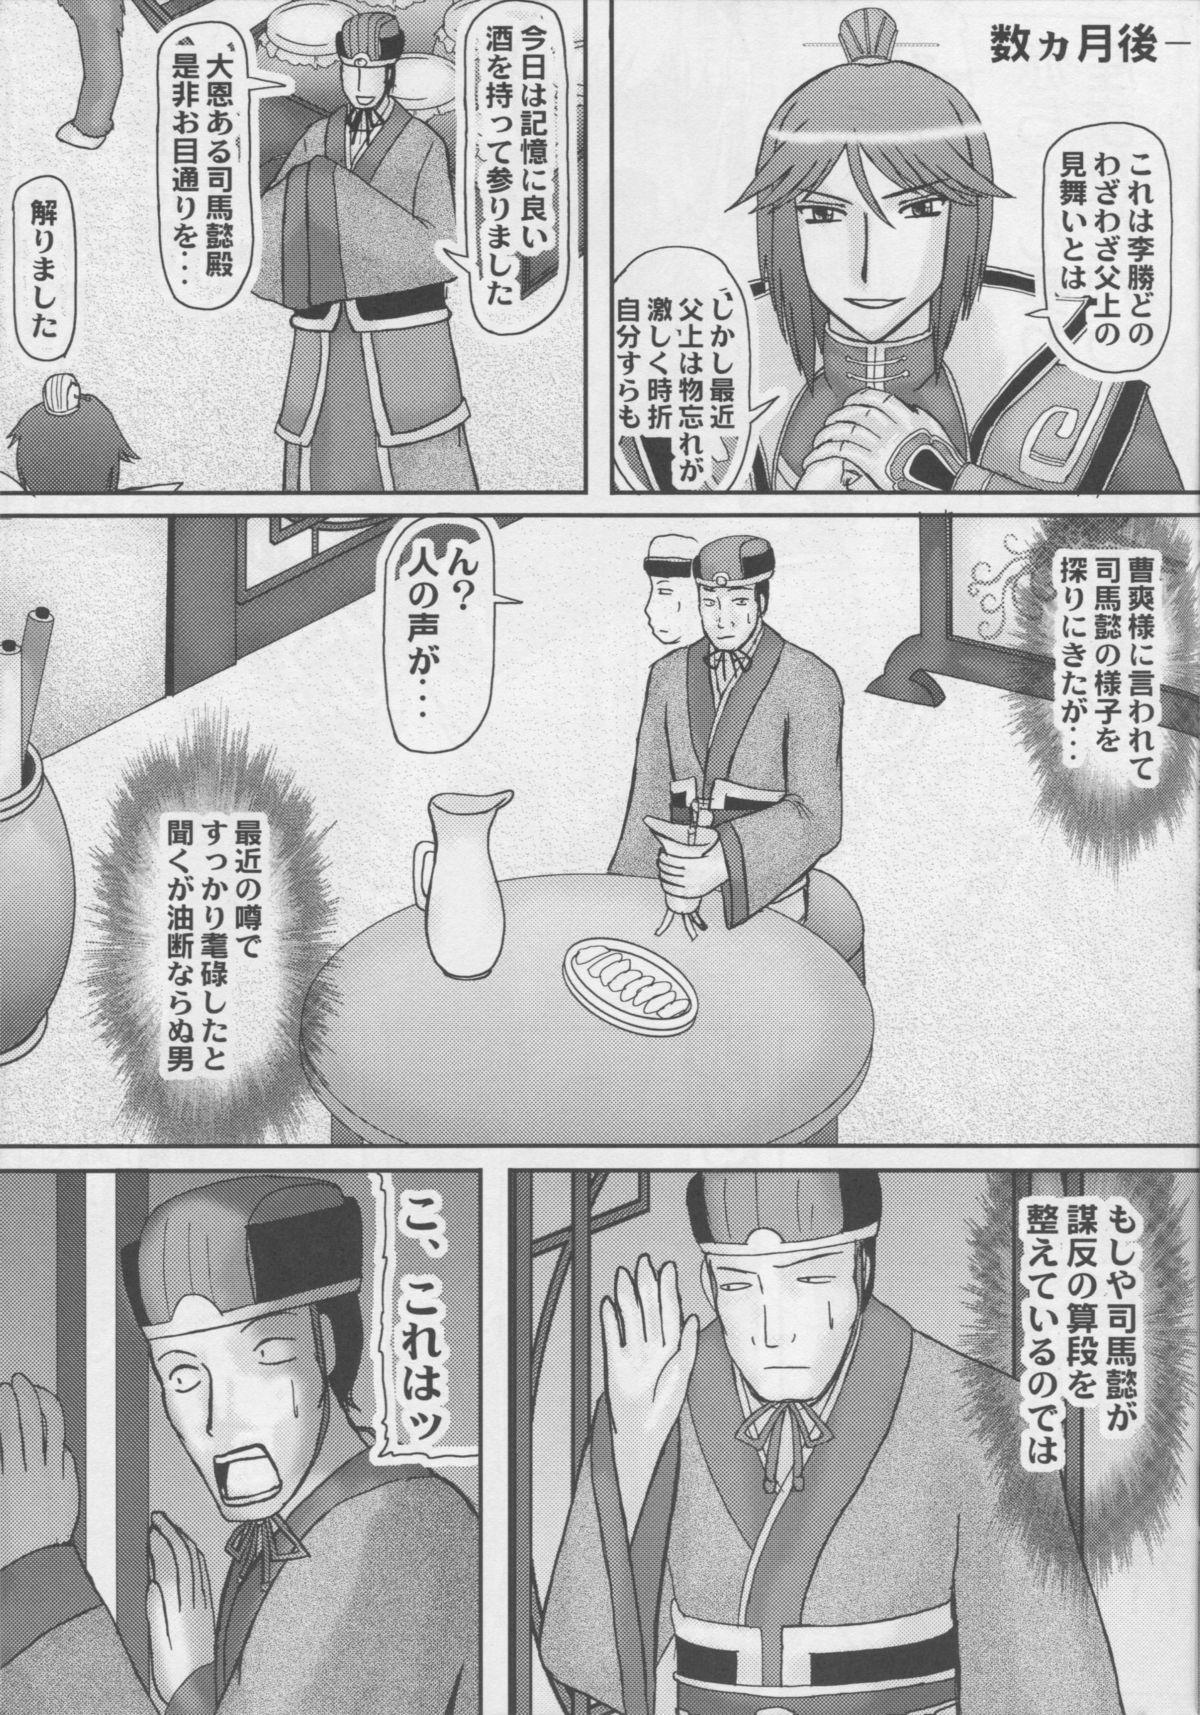 Koutei wo Umu Onna 17